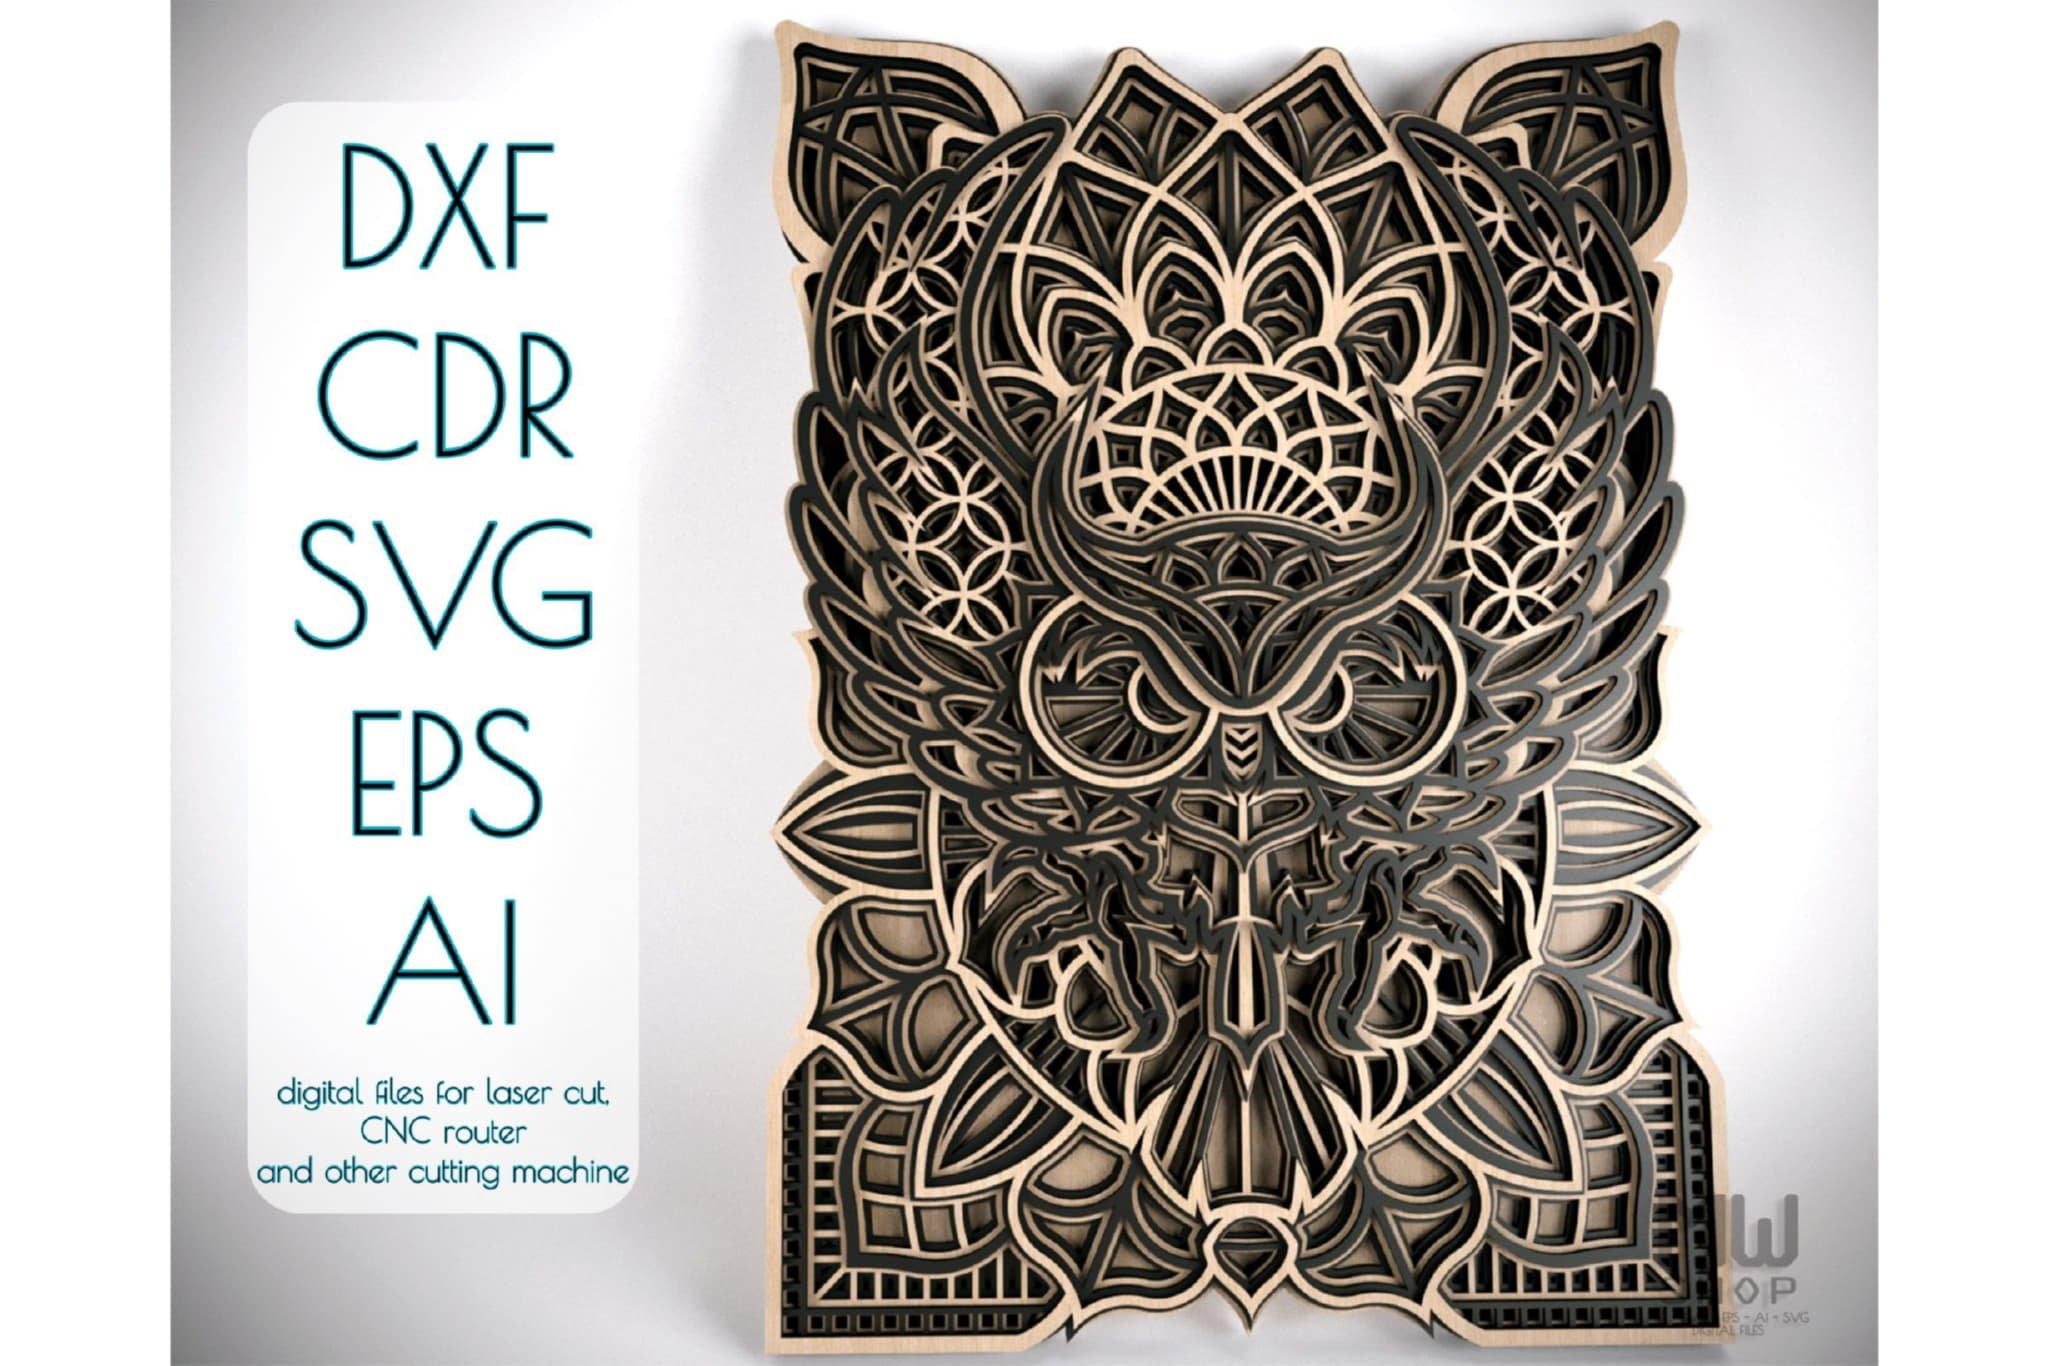 Download M43 Owl Mandala Dxf Layered Owl Mandala For Laser Cut 582544 Laser Engraving Design Bundles